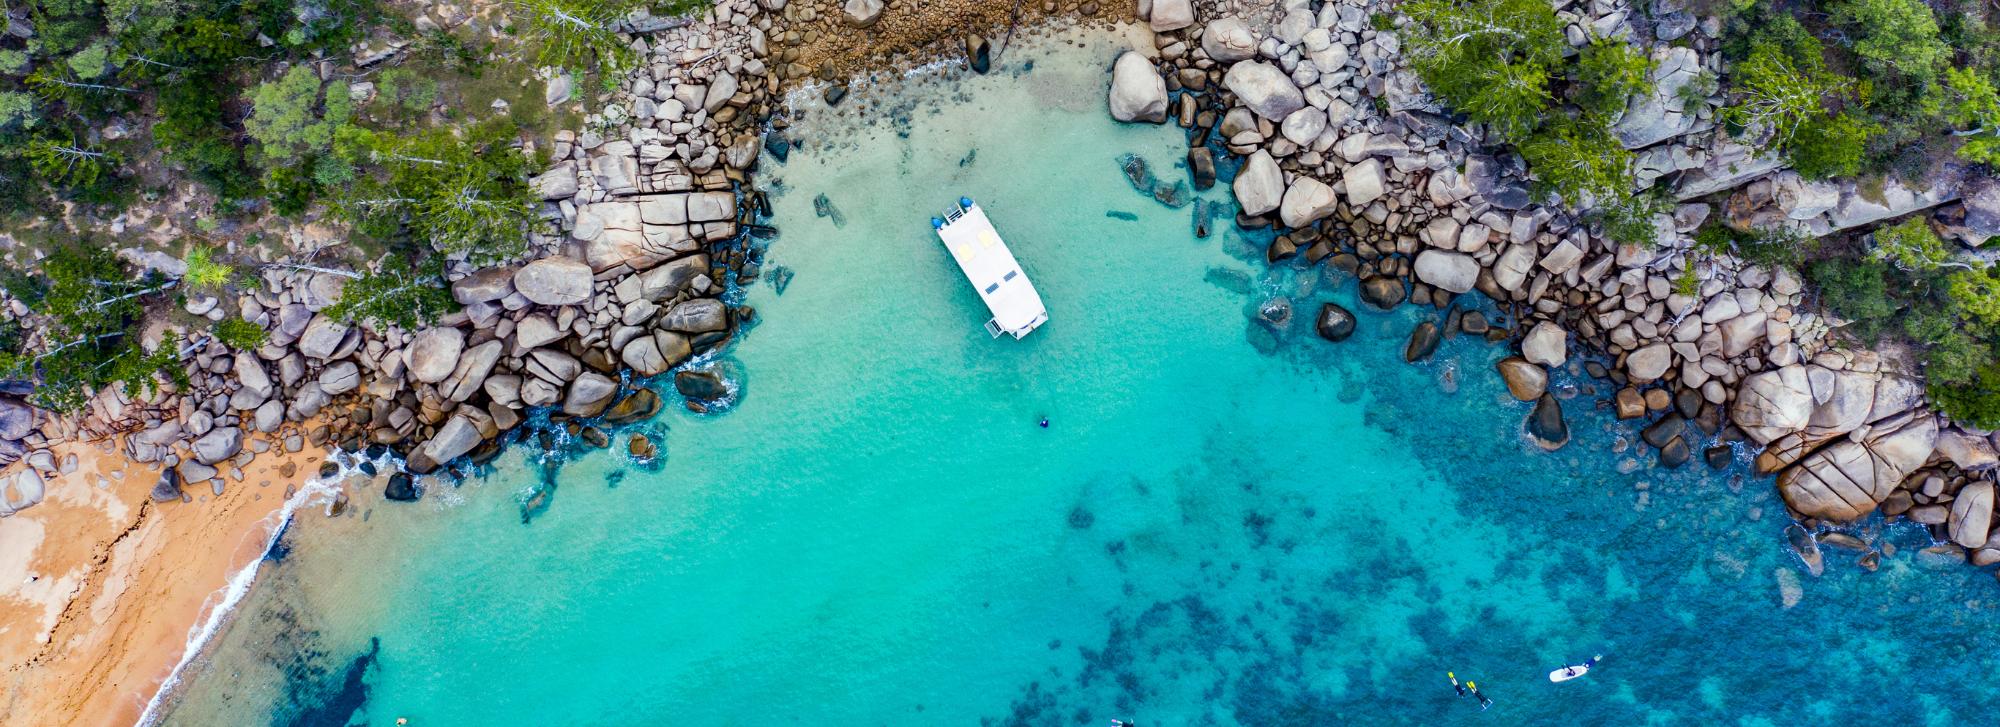 10% Off Aquascene Charters Tours